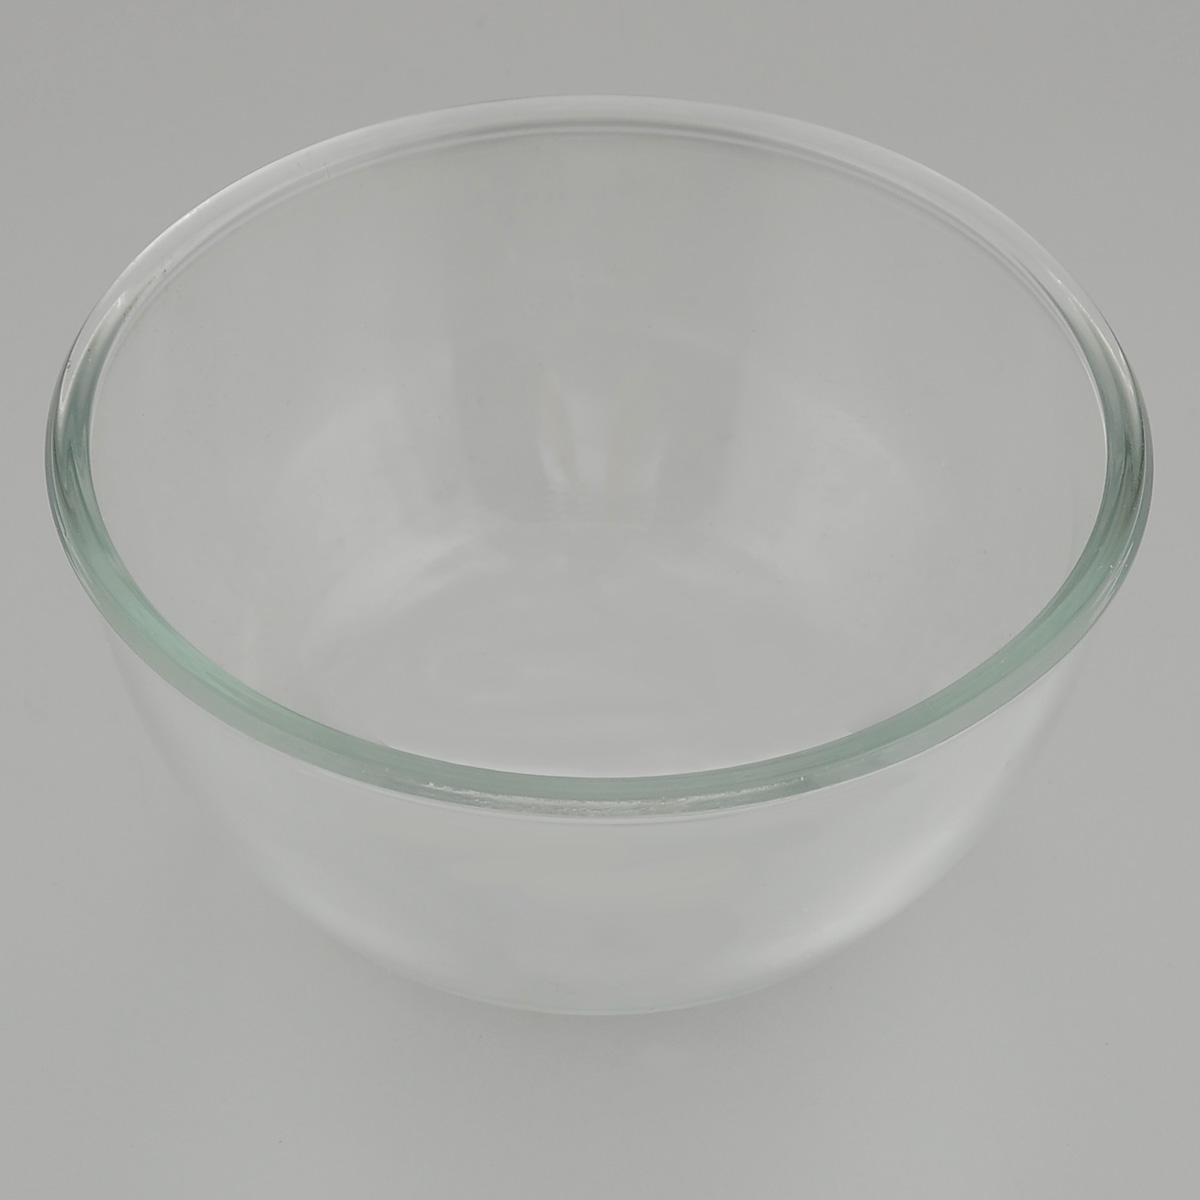 Форма для запекания Mijotex, круглая, диаметр 16 смMB12Глубокая круглая форма для запекания Mijotex изготовлена из жаропрочного стекла, которое выдерживает температуру до +450°С. Форма предназначена для приготовления горячих блюд. Материал изделия гигиеничен, прост в уходе и обладает высокой степенью прочности. Форма идеально подходит для использования в духовках, микроволновых печах, холодильниках и морозильных камерах. Также ее можно использовать на газовых плитах (на слабом огне) и на электроплитах. Можно мыть в посудомоечной машине.Диаметр формы: 16 см.Высота стенки формы: 8 см.